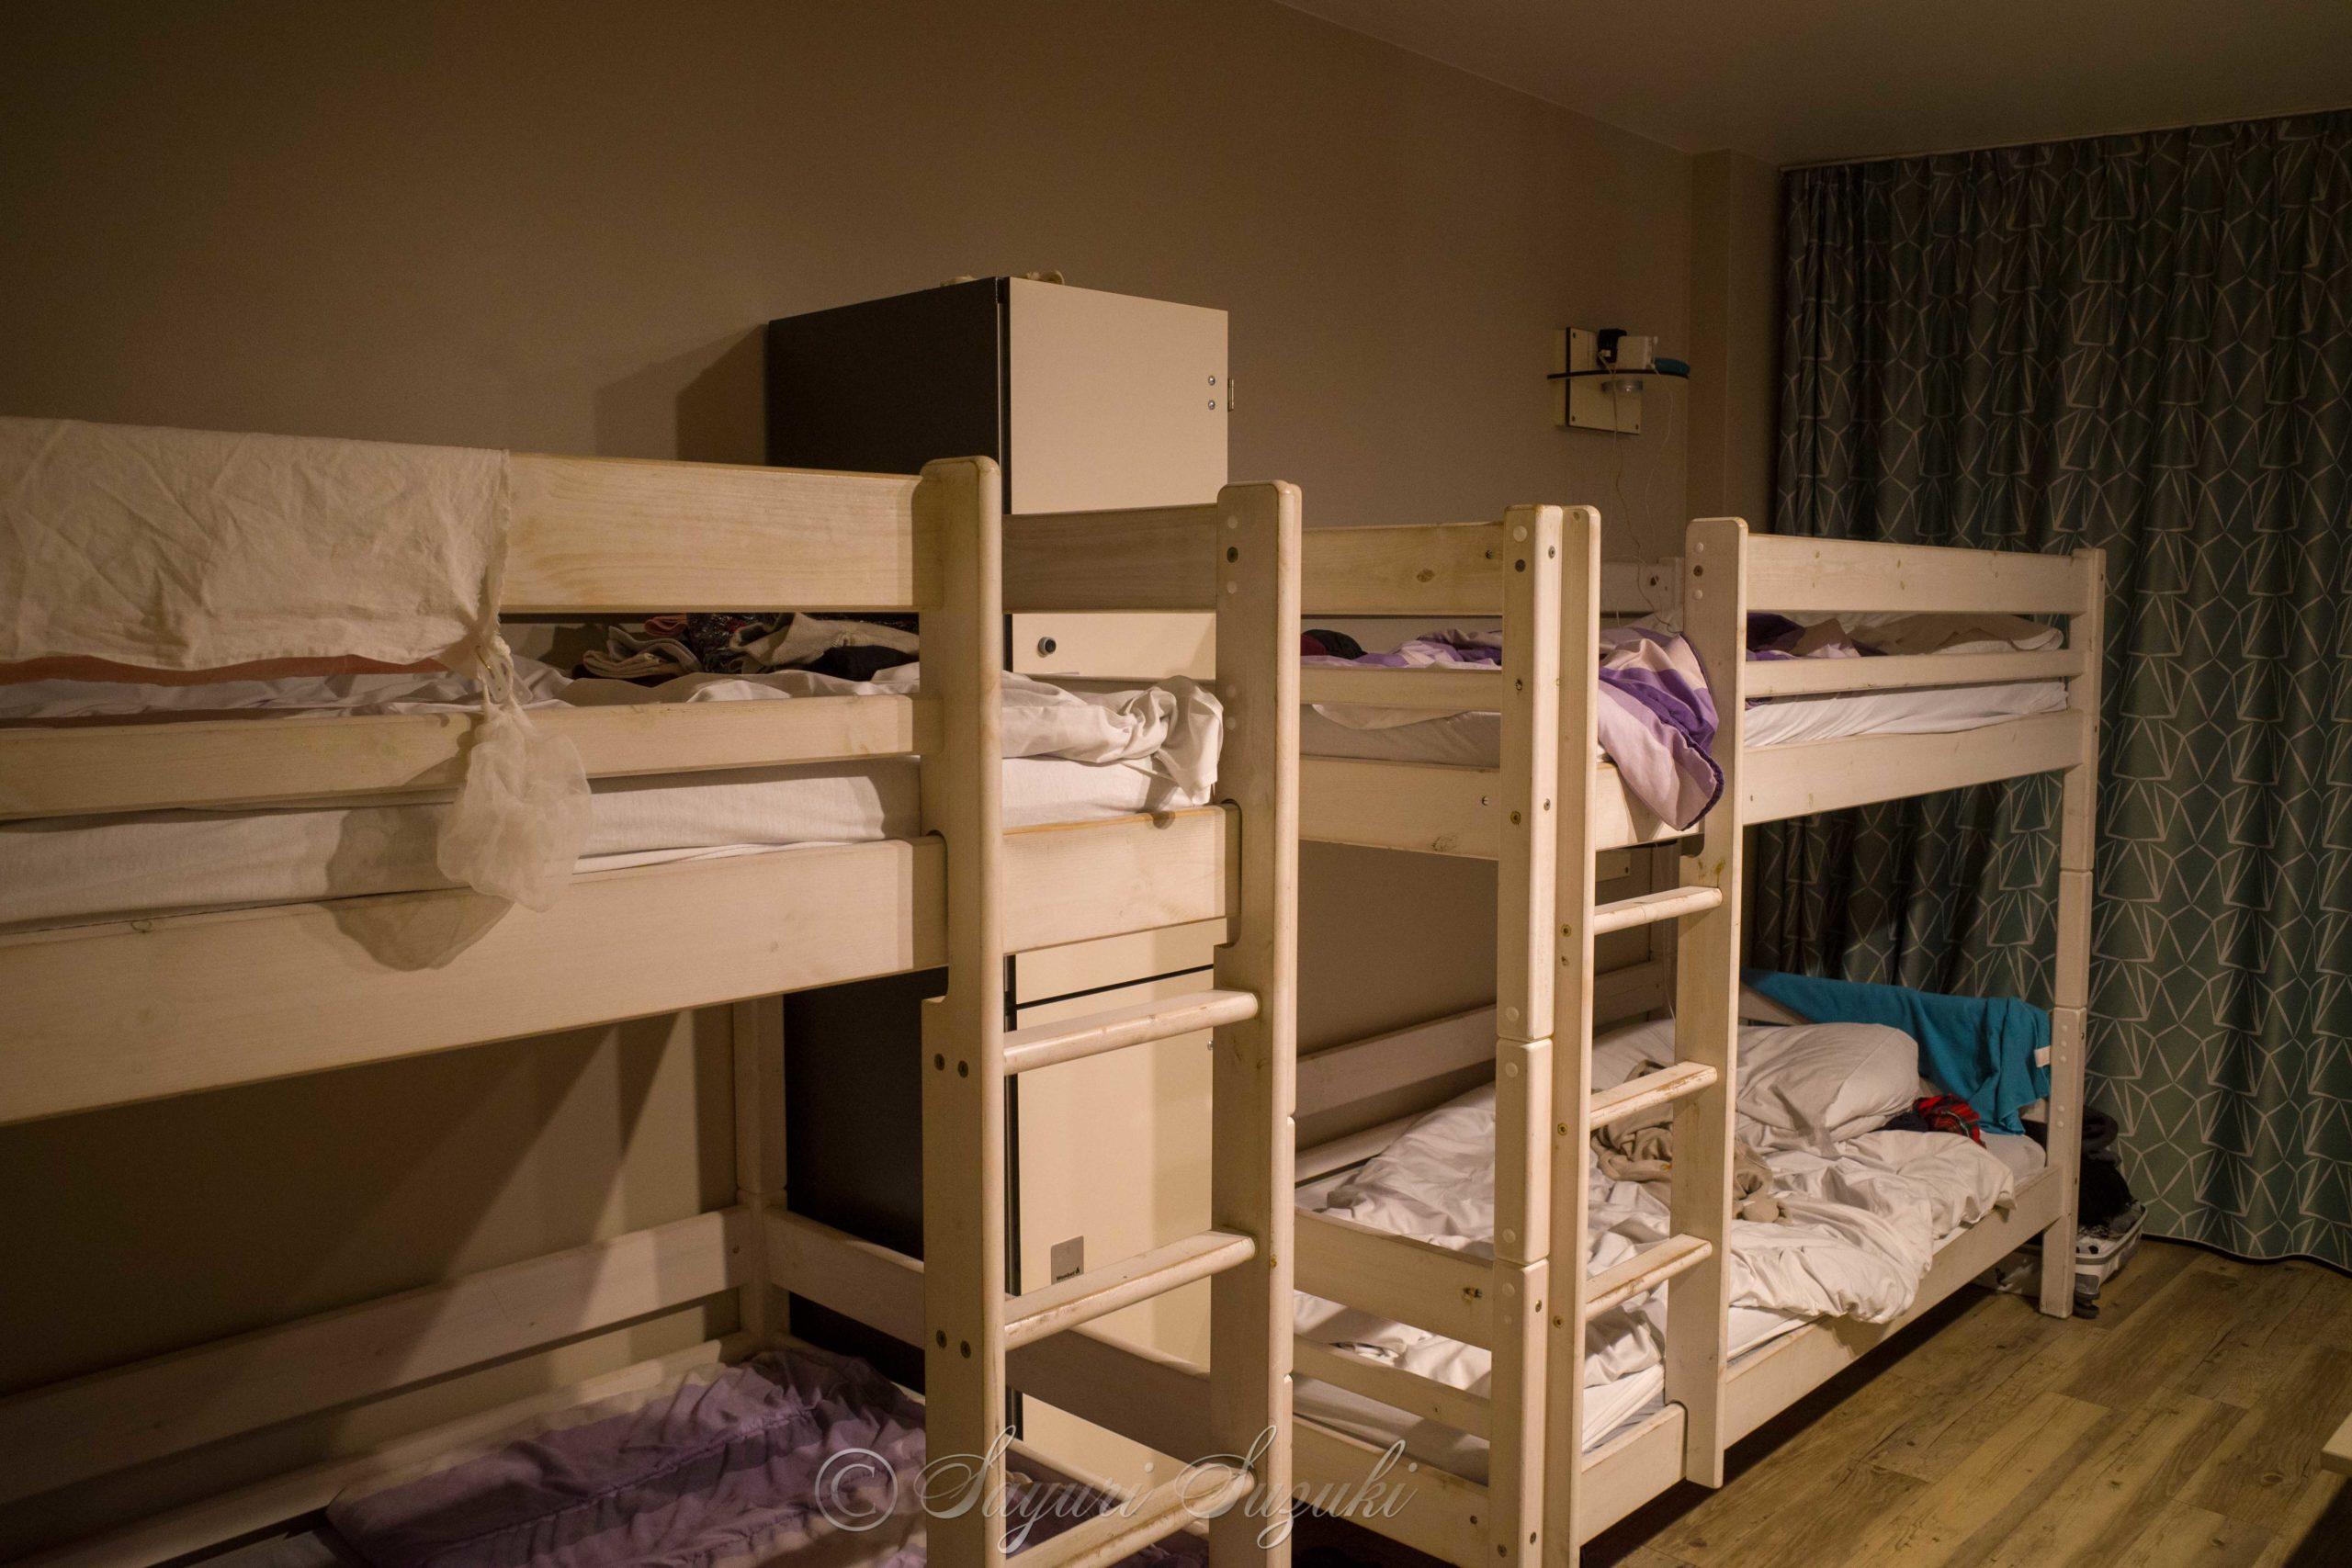 Wombat's City Hostel